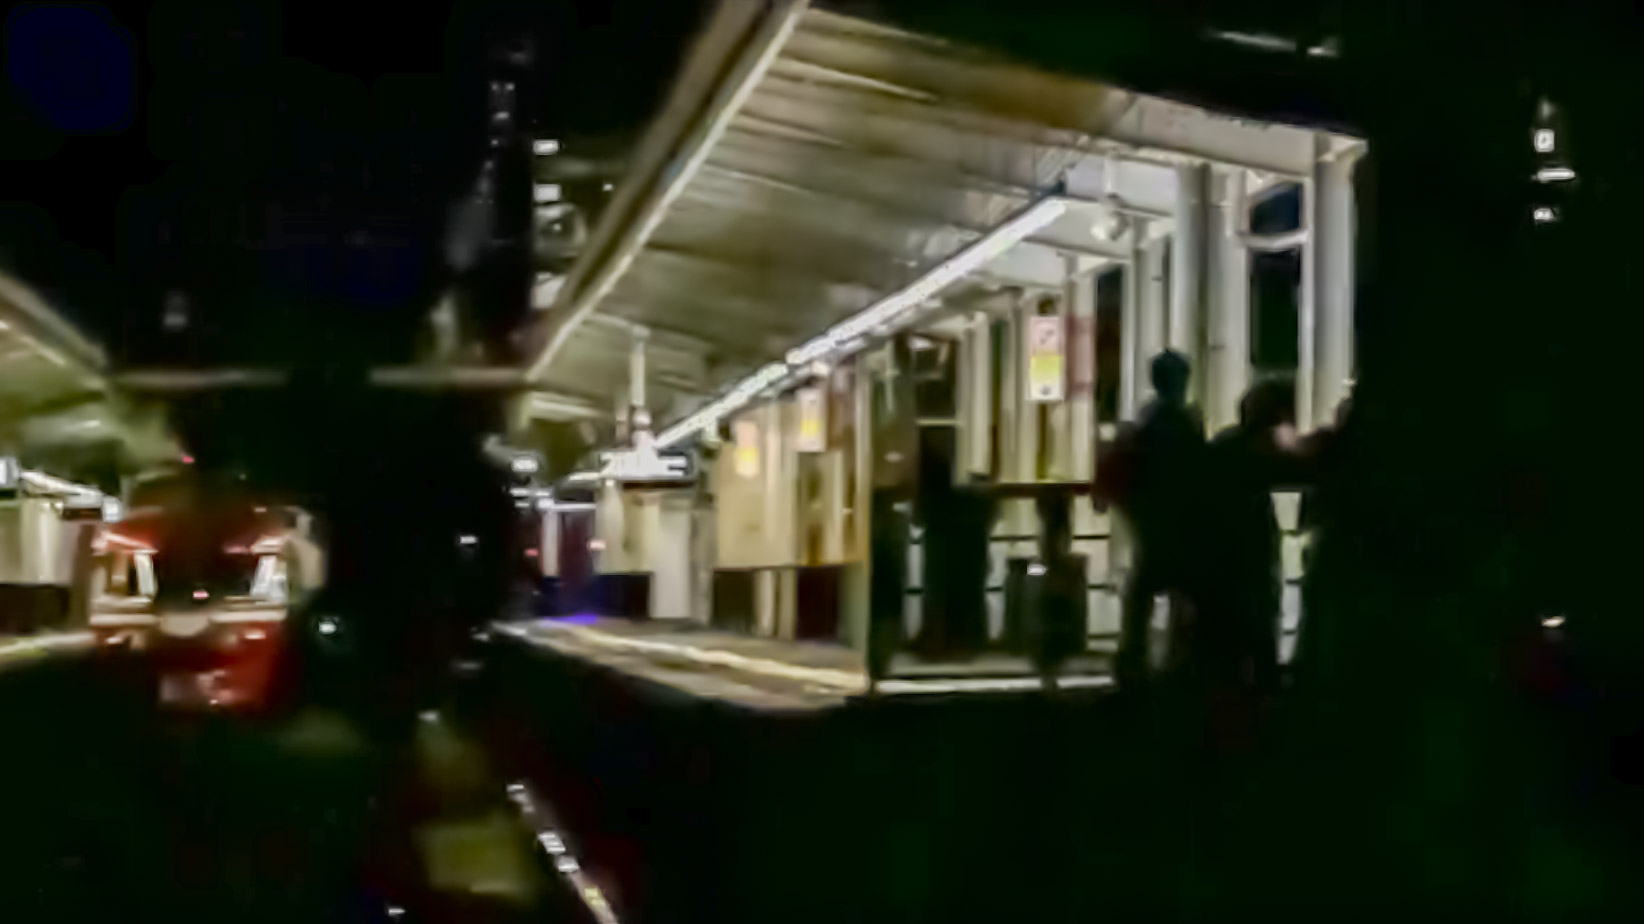 【小田急NSE深夜回送】撮り鉄が営業時間外の駅に不法侵入 深夜の住宅街に響く罵声の嵐